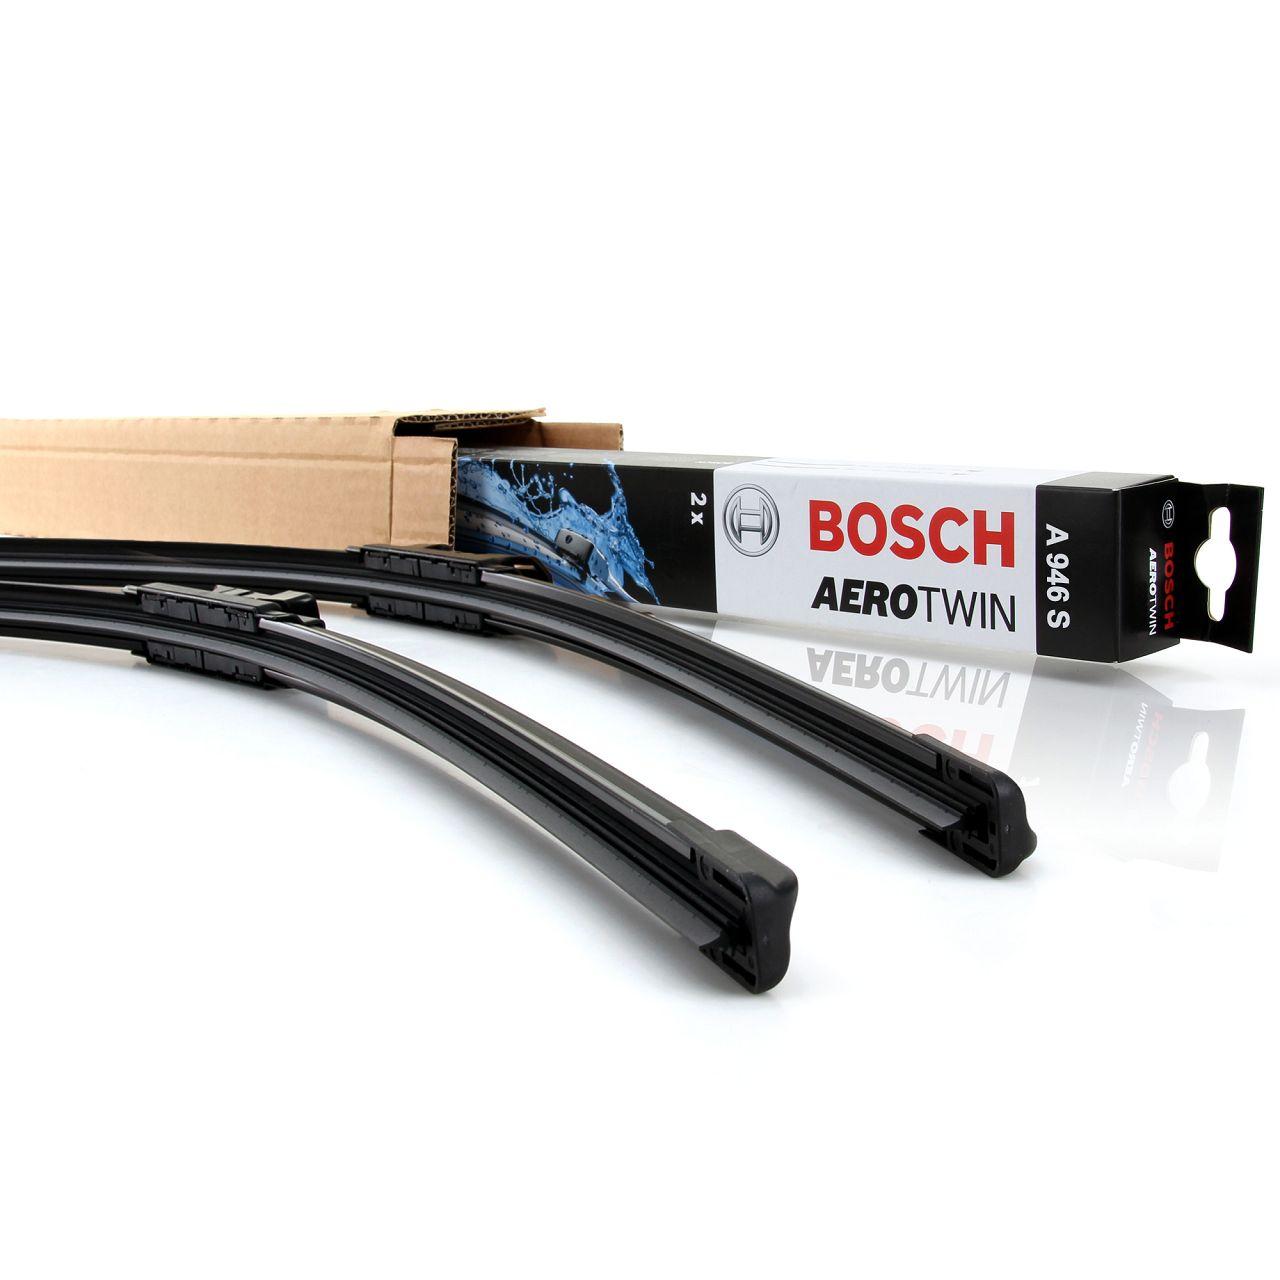 BOSCH AEROTWIN A946S Scheibenwischer Wischer für MERCEDES S-KLASSE W220 W221